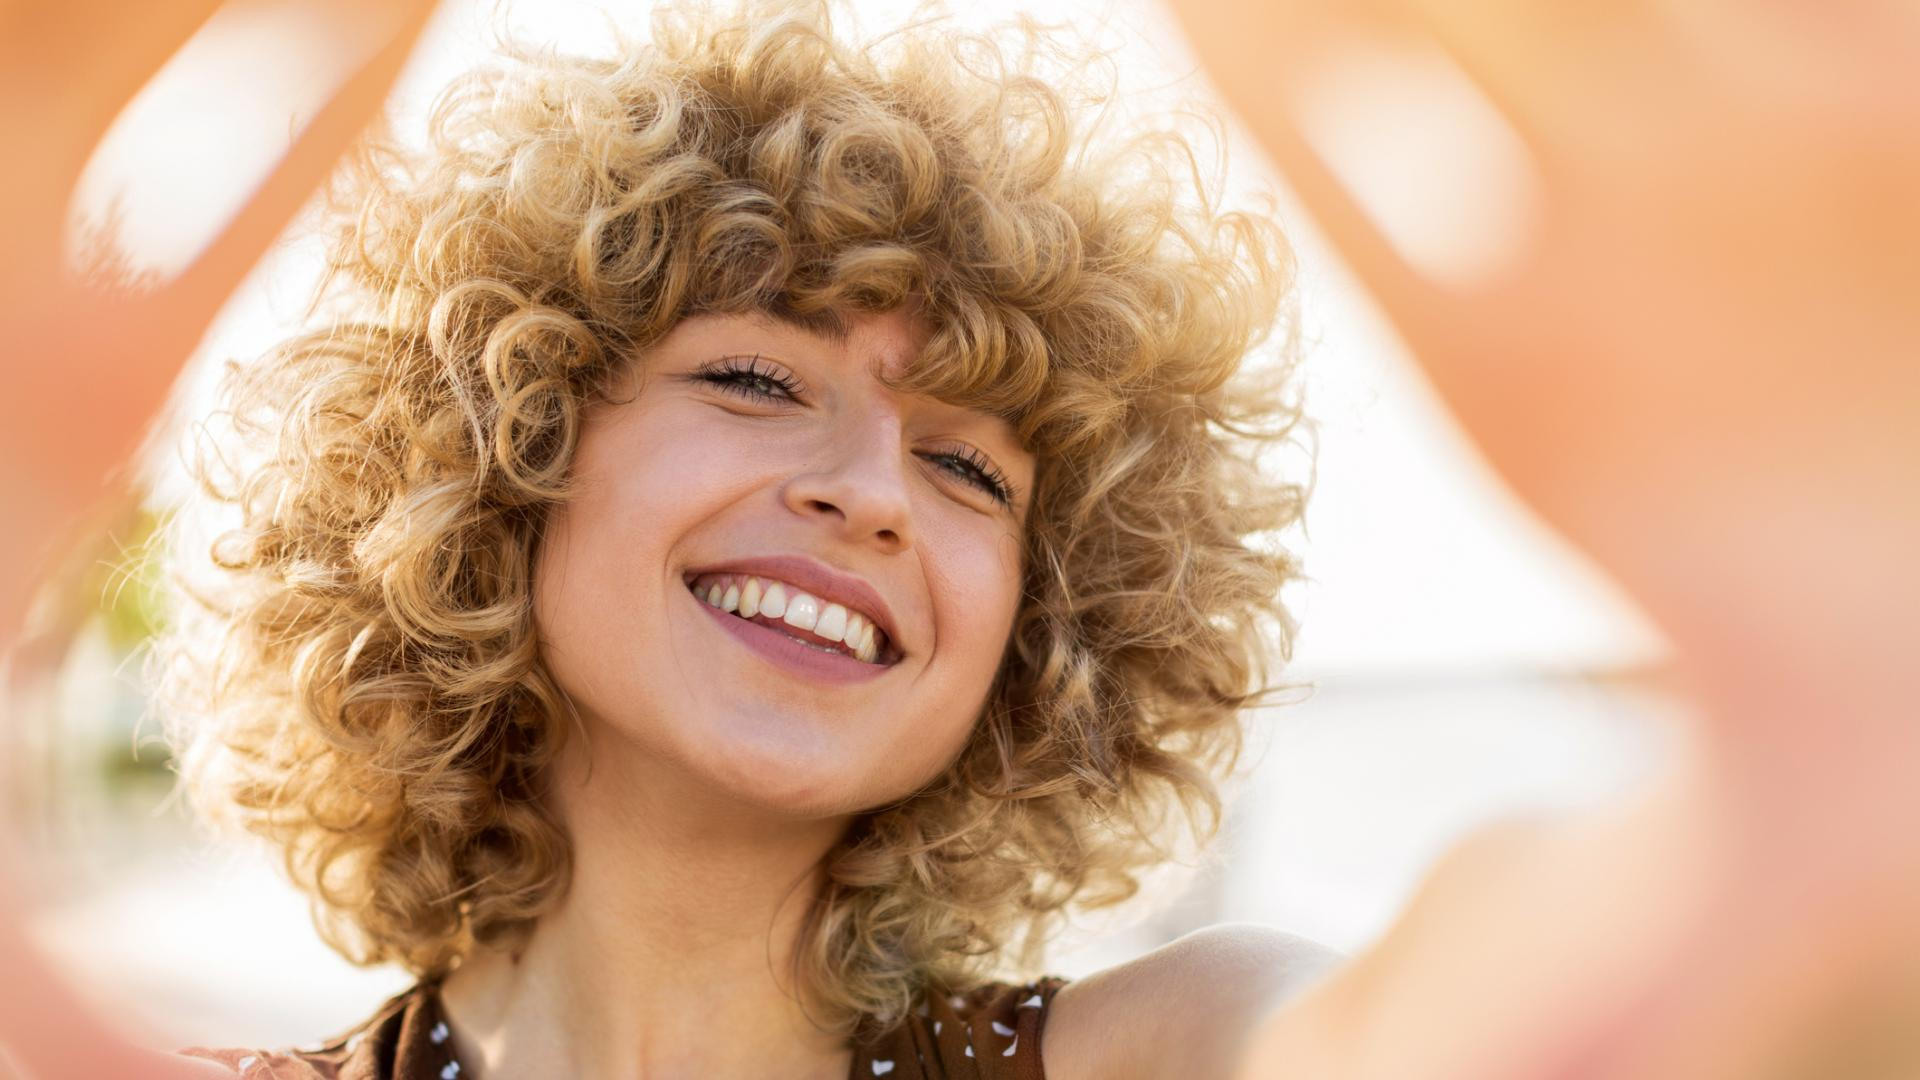 Frau Locken Socken Haare lachen fröhlich sommer selfie